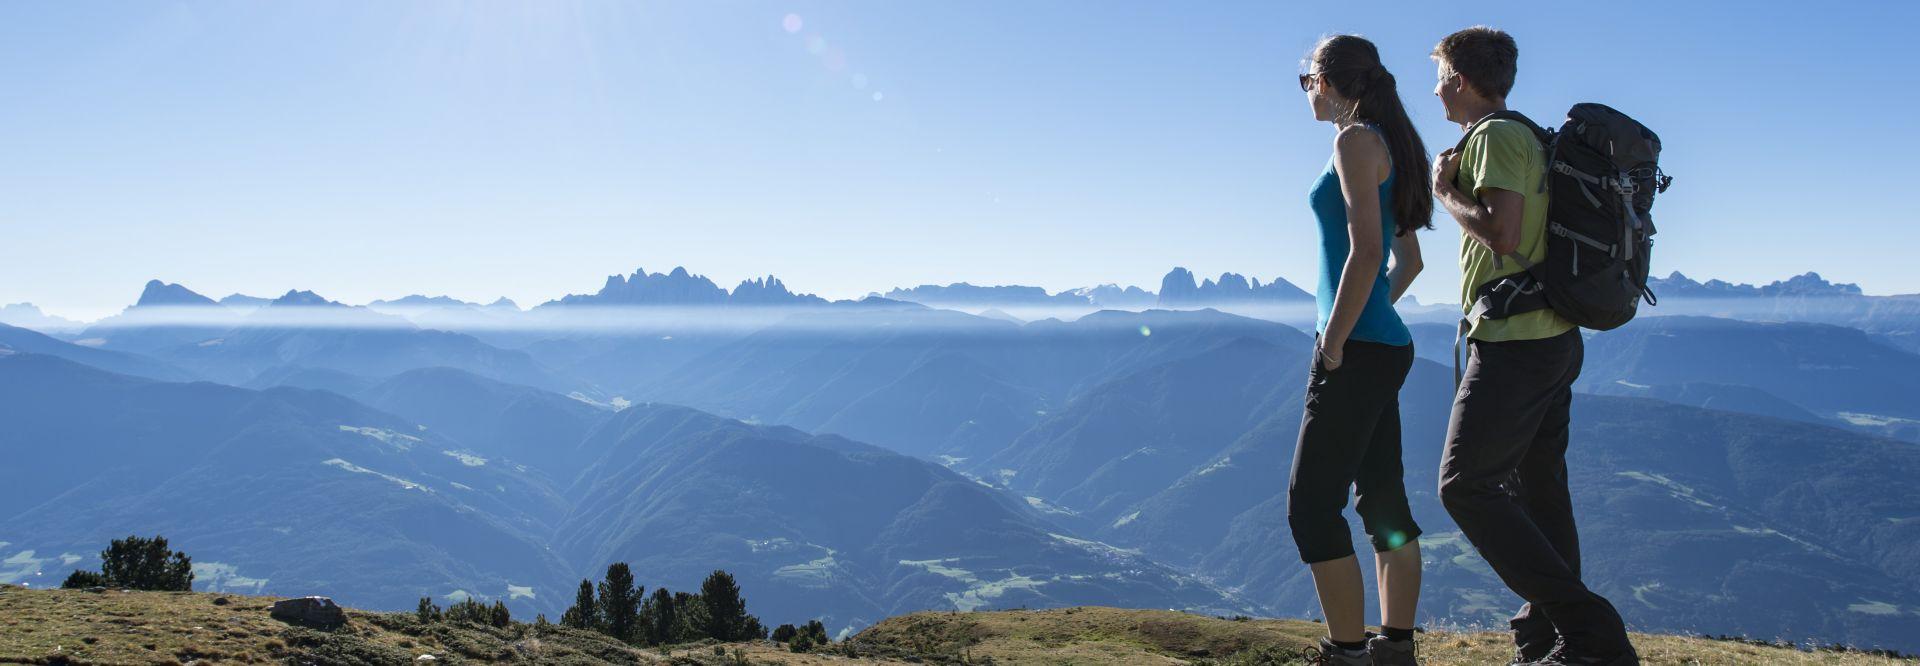 Pärchen beim Wandern auf den Almen der südlichen Eisacktaler Dolomiten (c) Helmuth Rier (Tourismusgenossenschaft Klausen Barbian Feldthurns und Villanders)